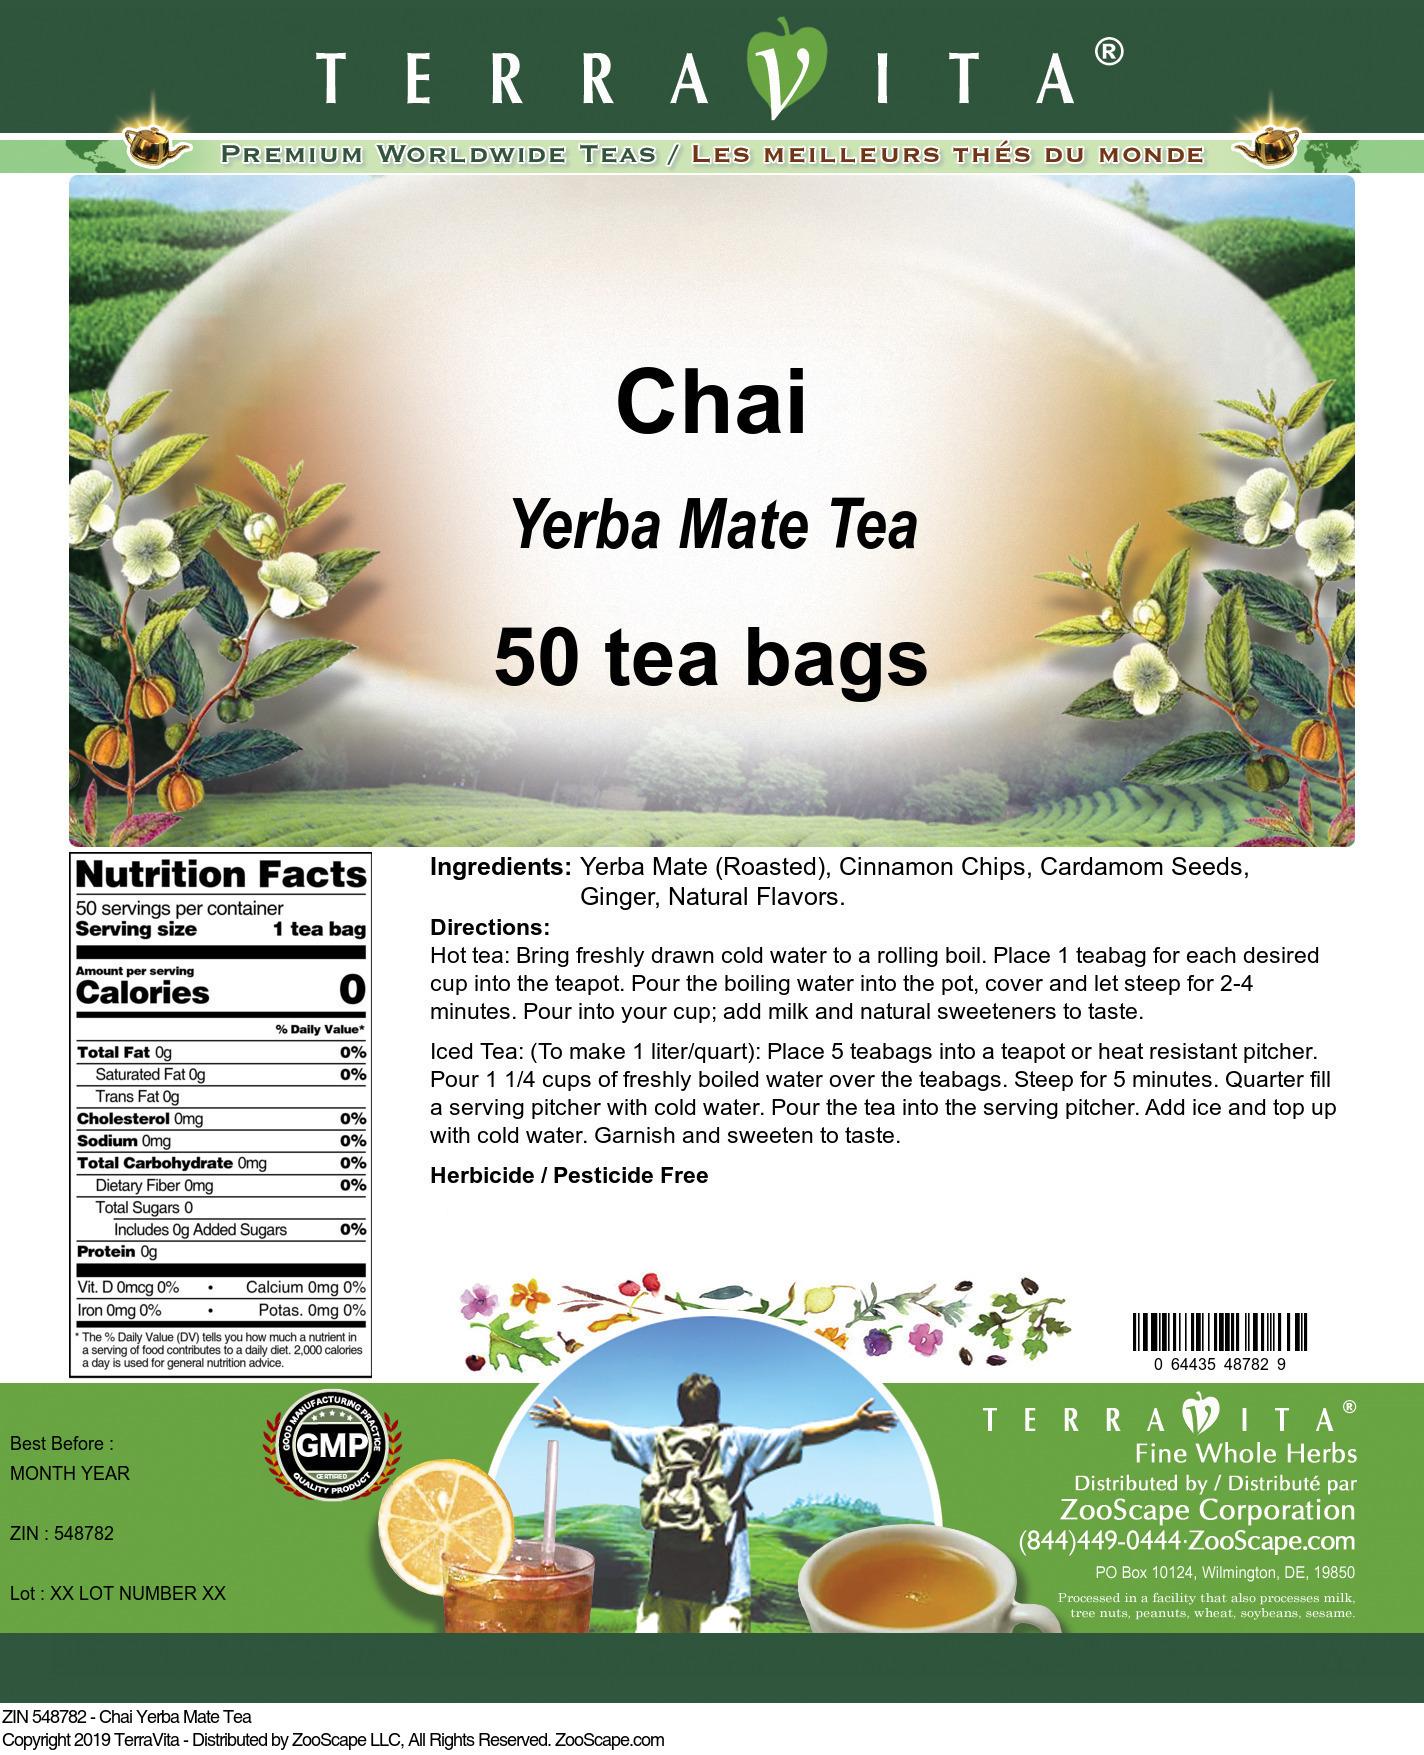 Chai Yerba Mate Tea